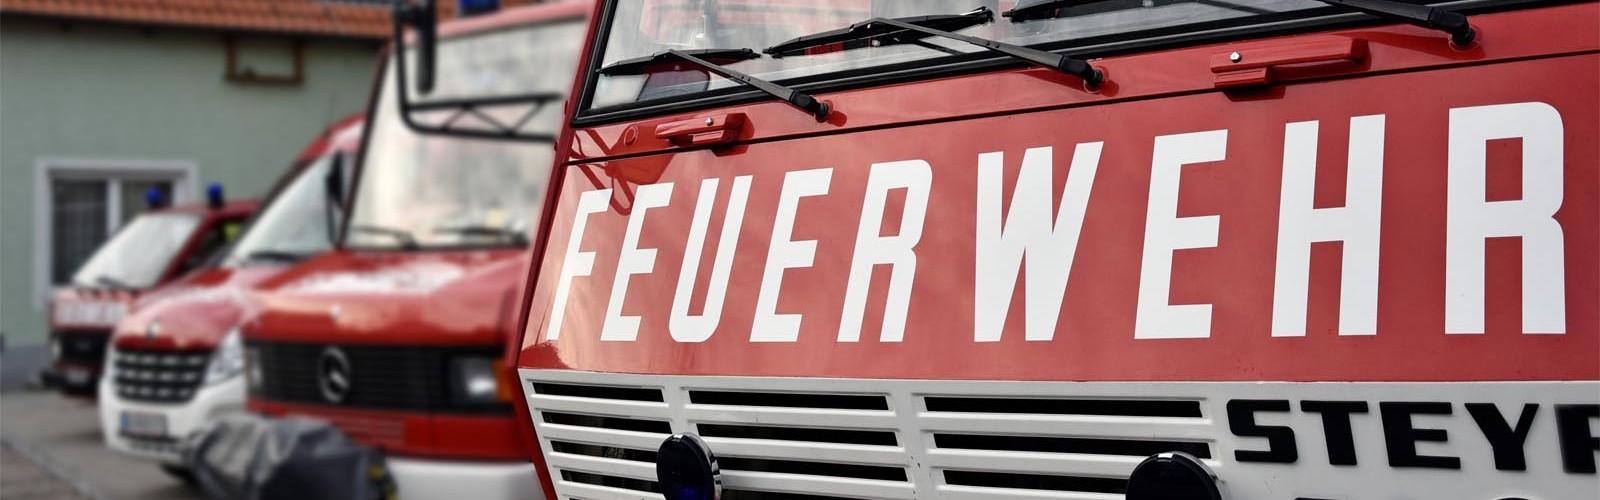 Feuerwehr-startseite-web